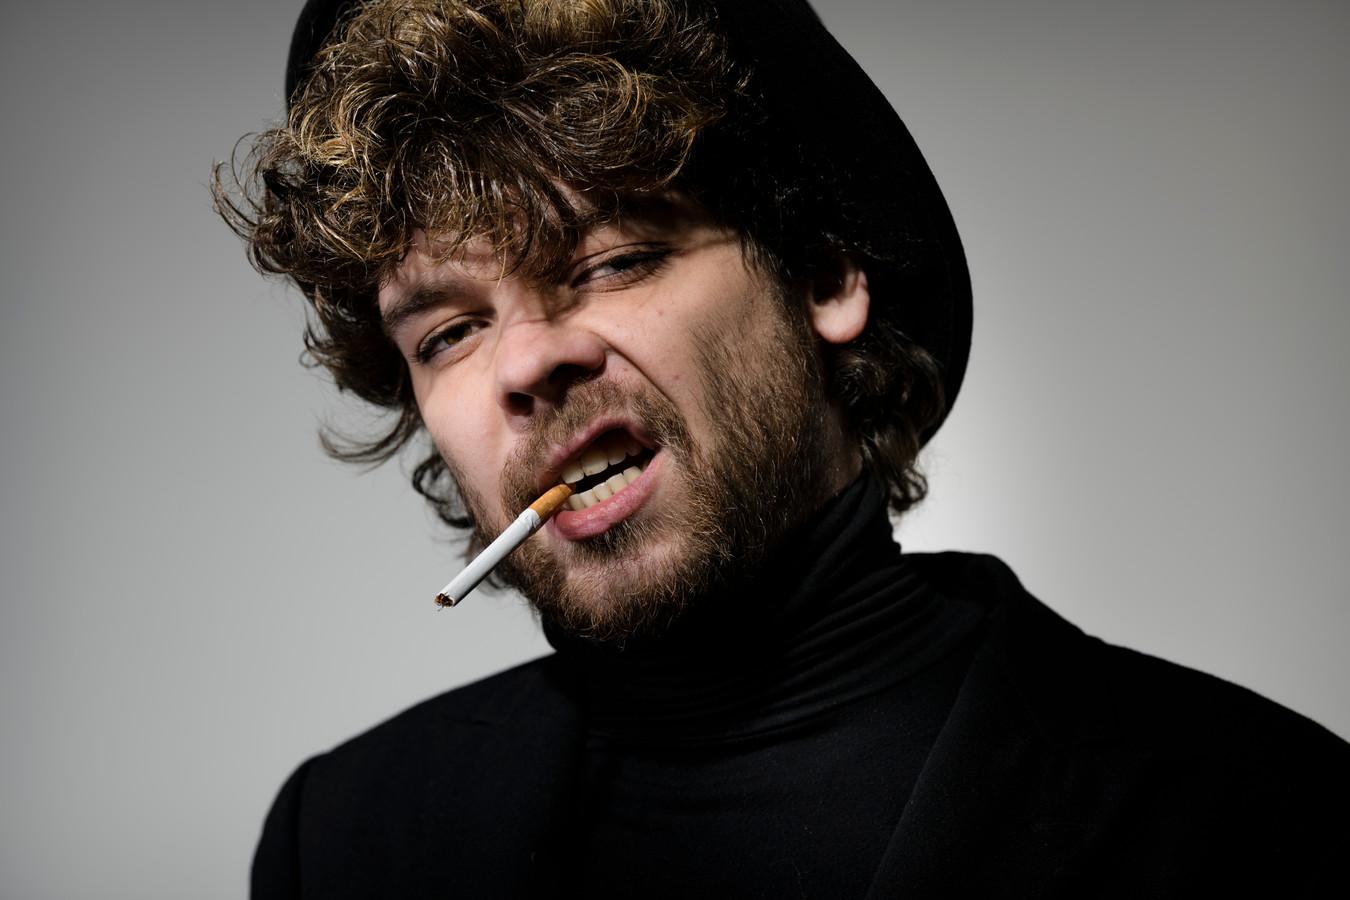 """Niels F. Rodenburg: """"Iedereen, echt iedereen, hoort erbij. De dakloze, iemand met een hoofddoek, de prostituee, iedereen. Daar sta ik voor."""""""